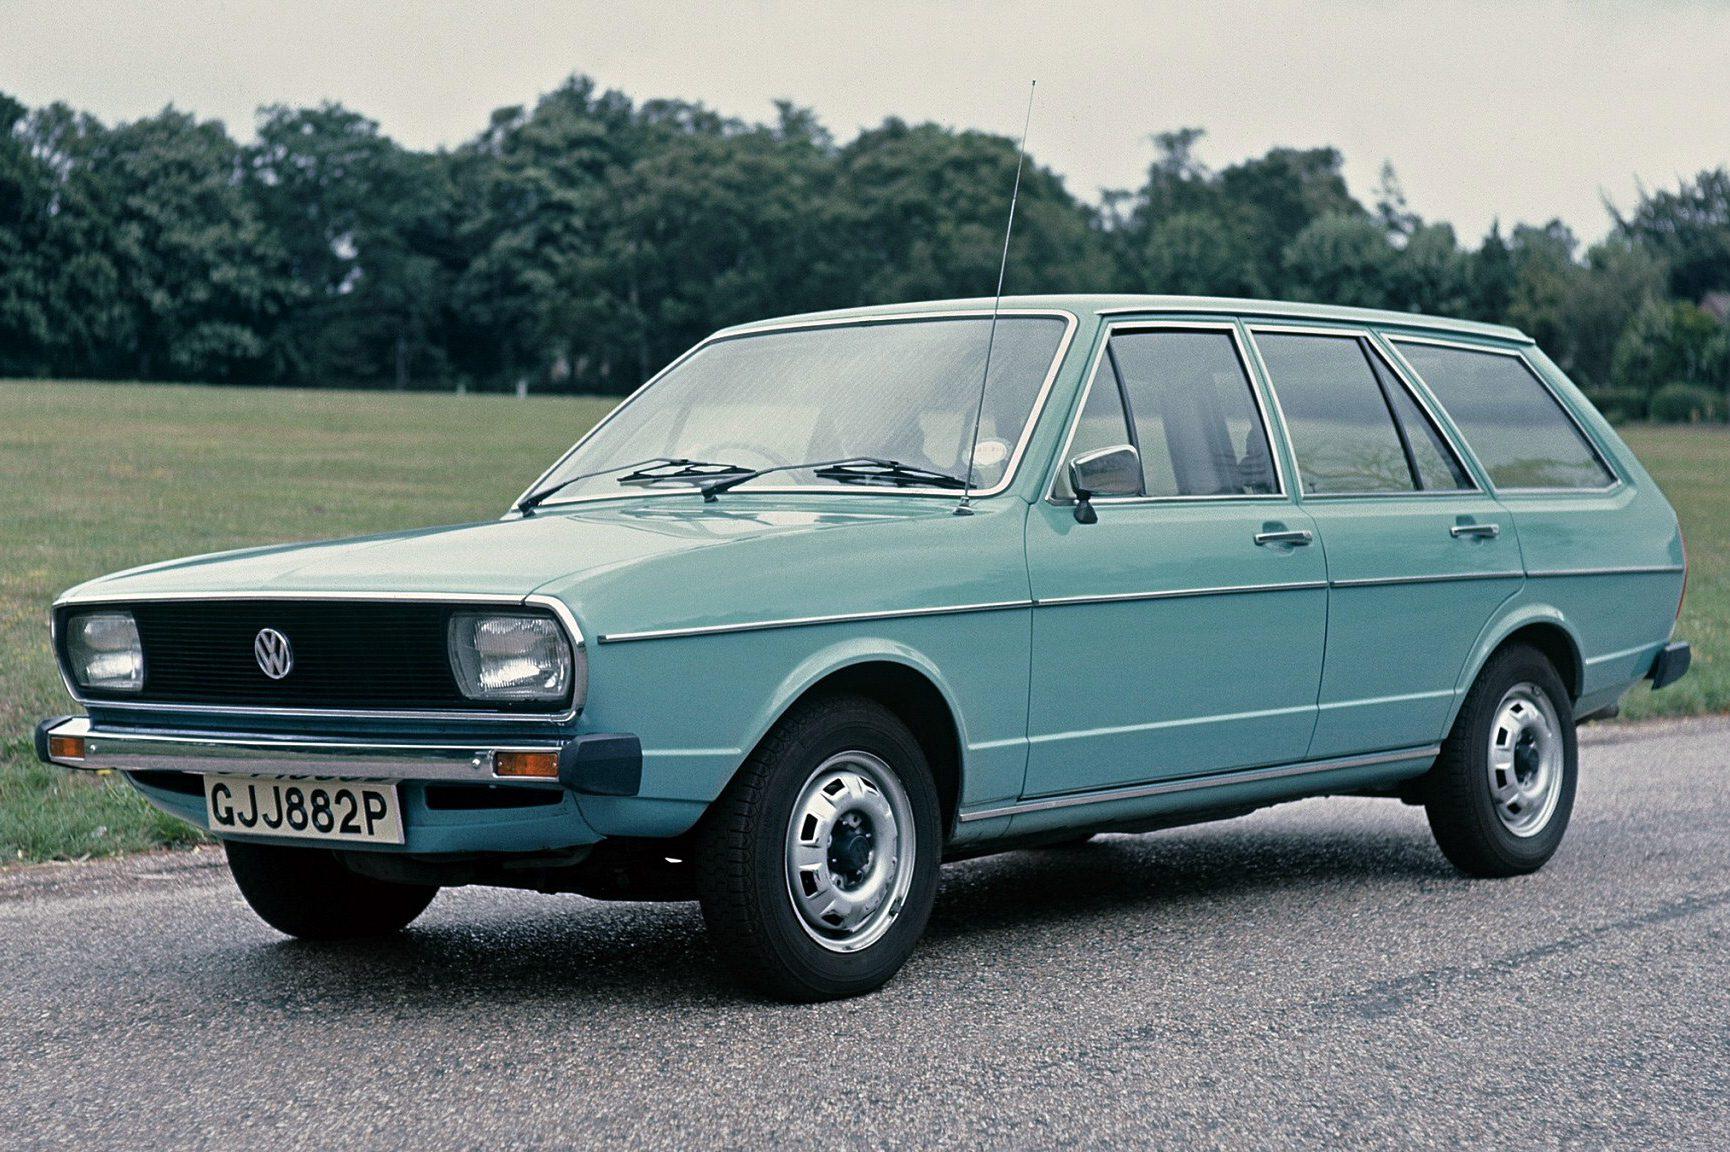 VW Perua Passat, um sonho dos anos 80 para quem podia pagar R$ 180.000